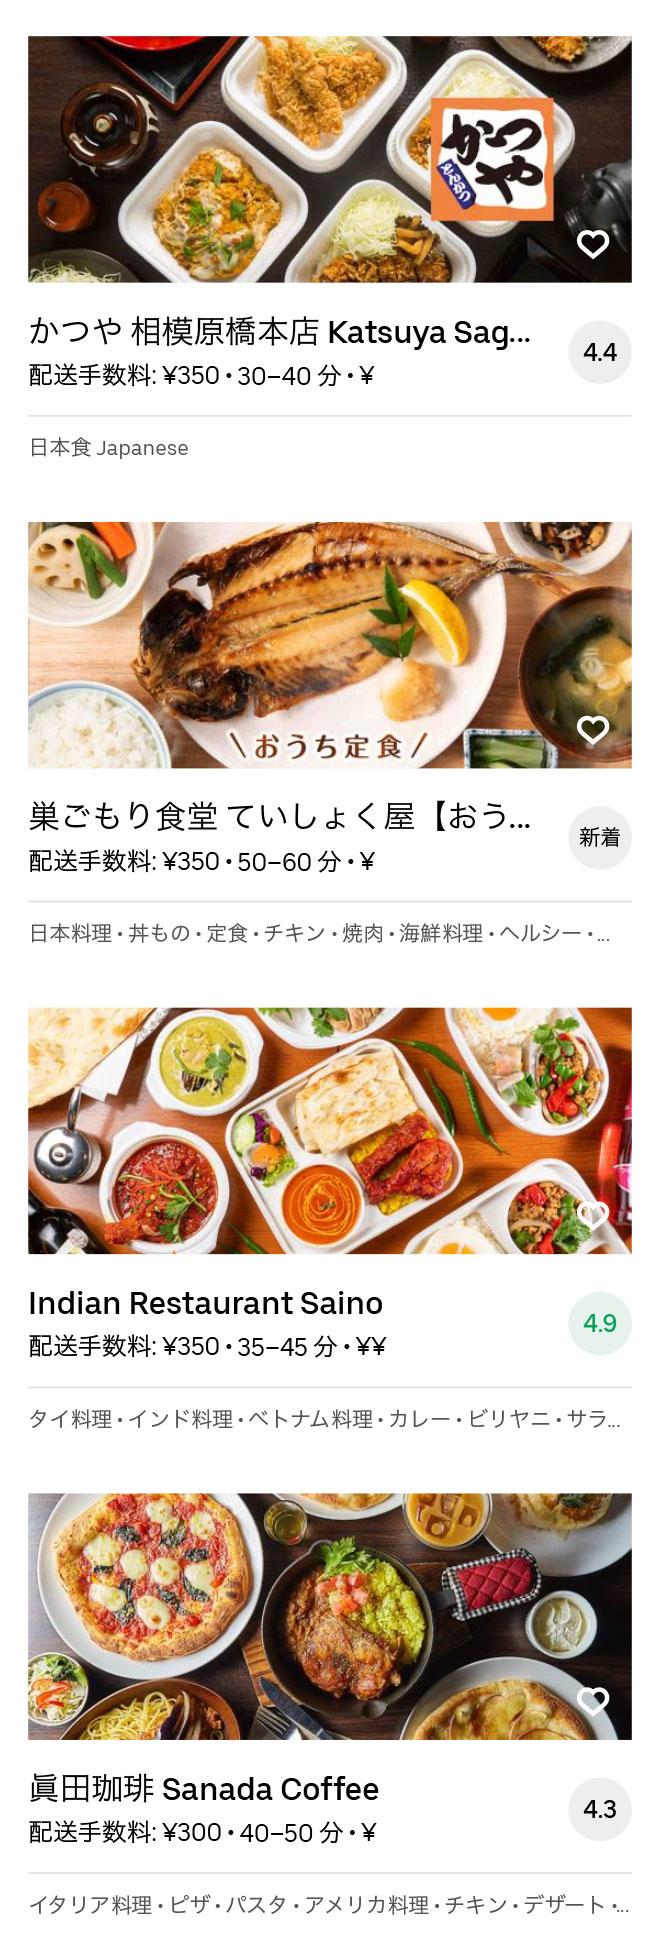 Sagamihara menu 2008 08